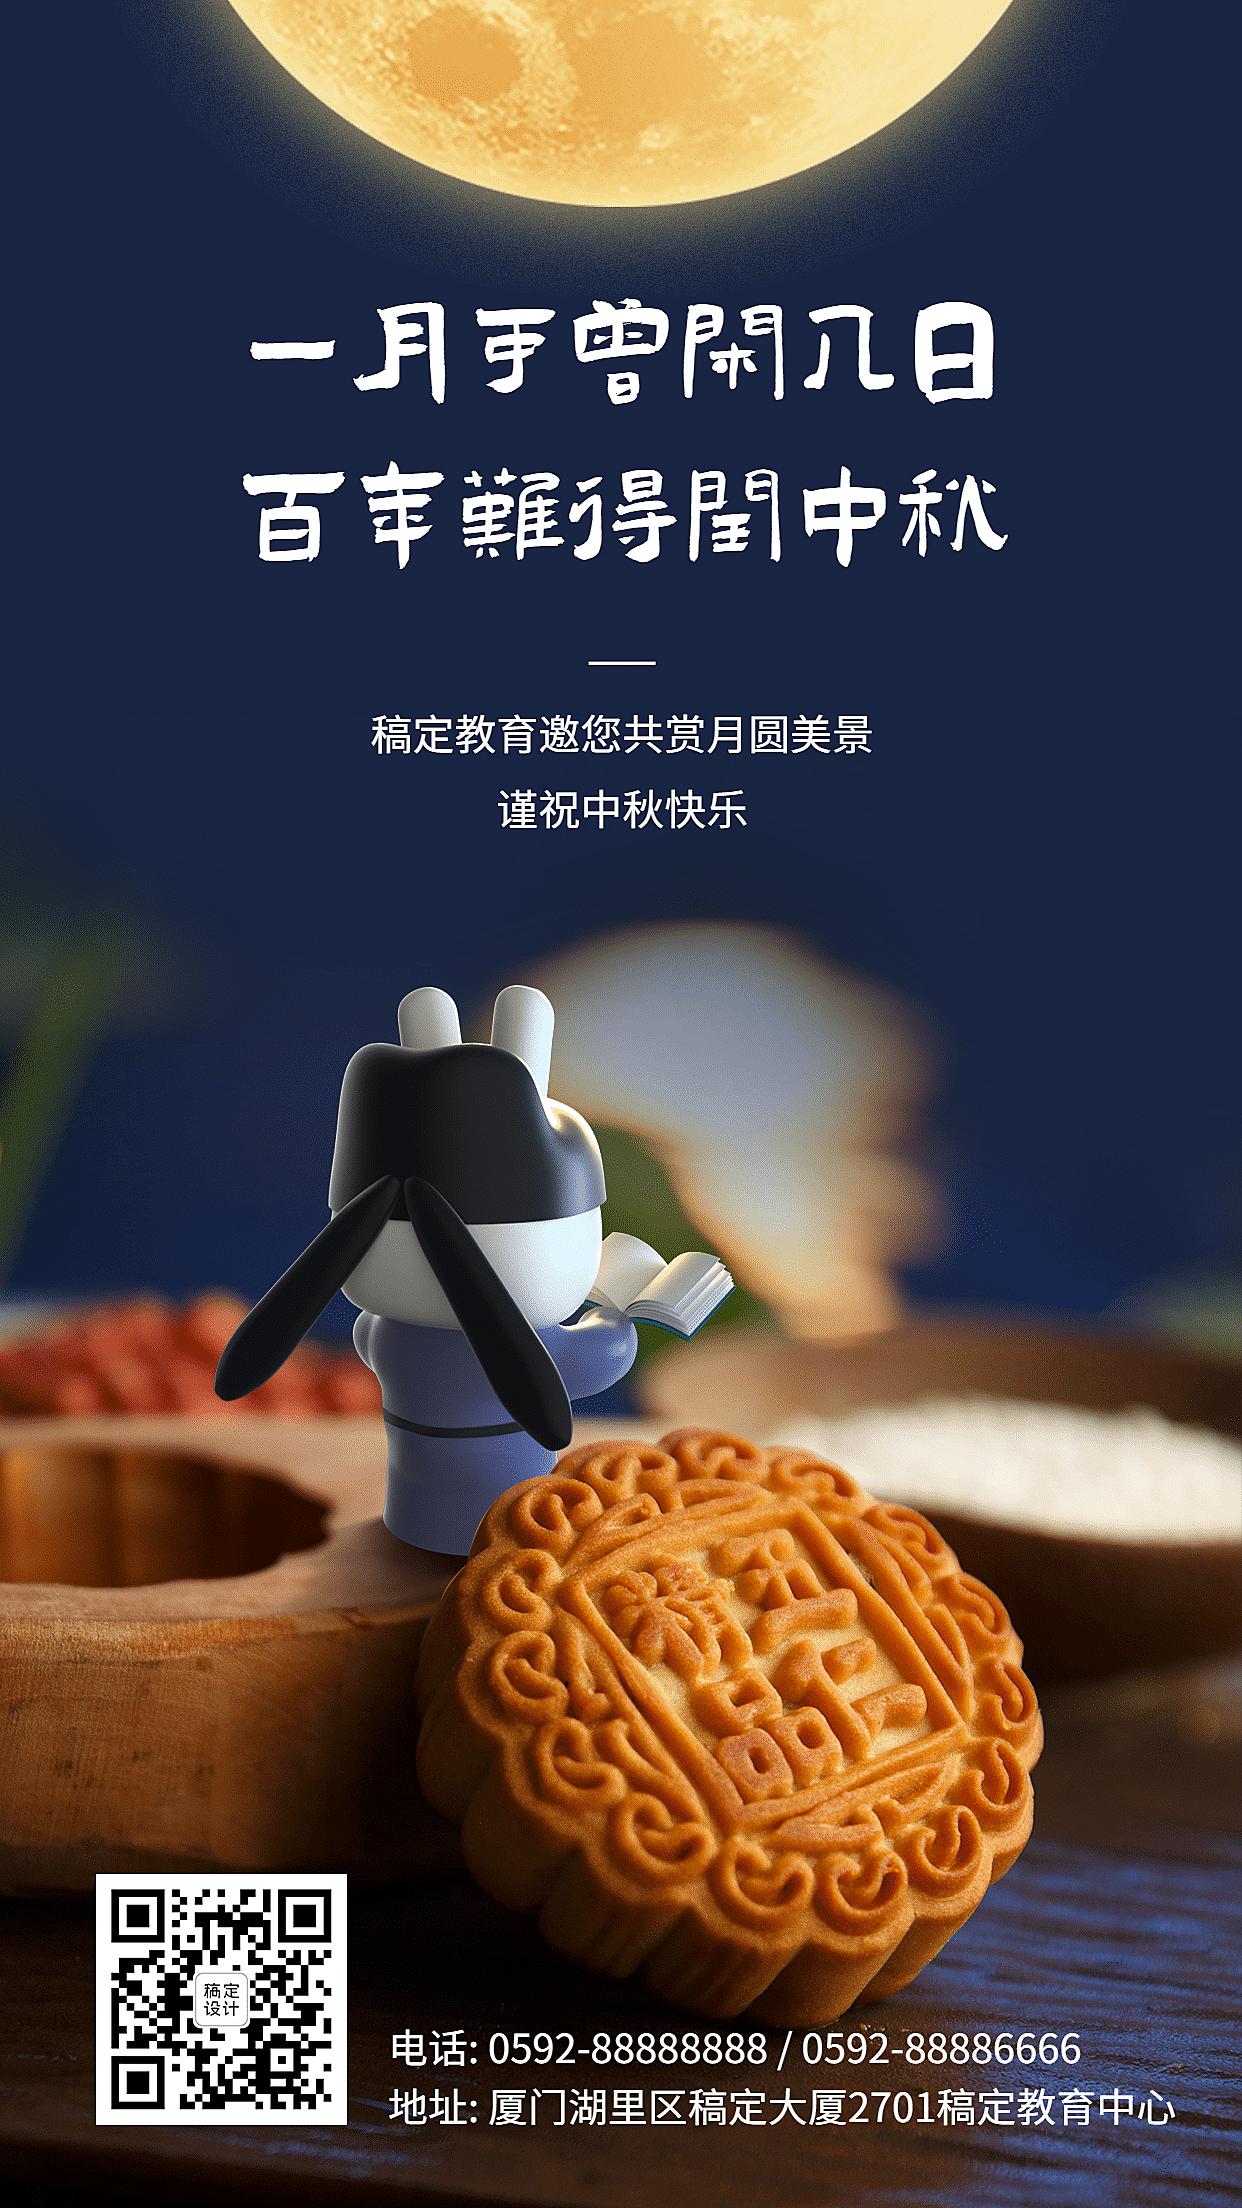 中秋节读书学习月饼实景海报